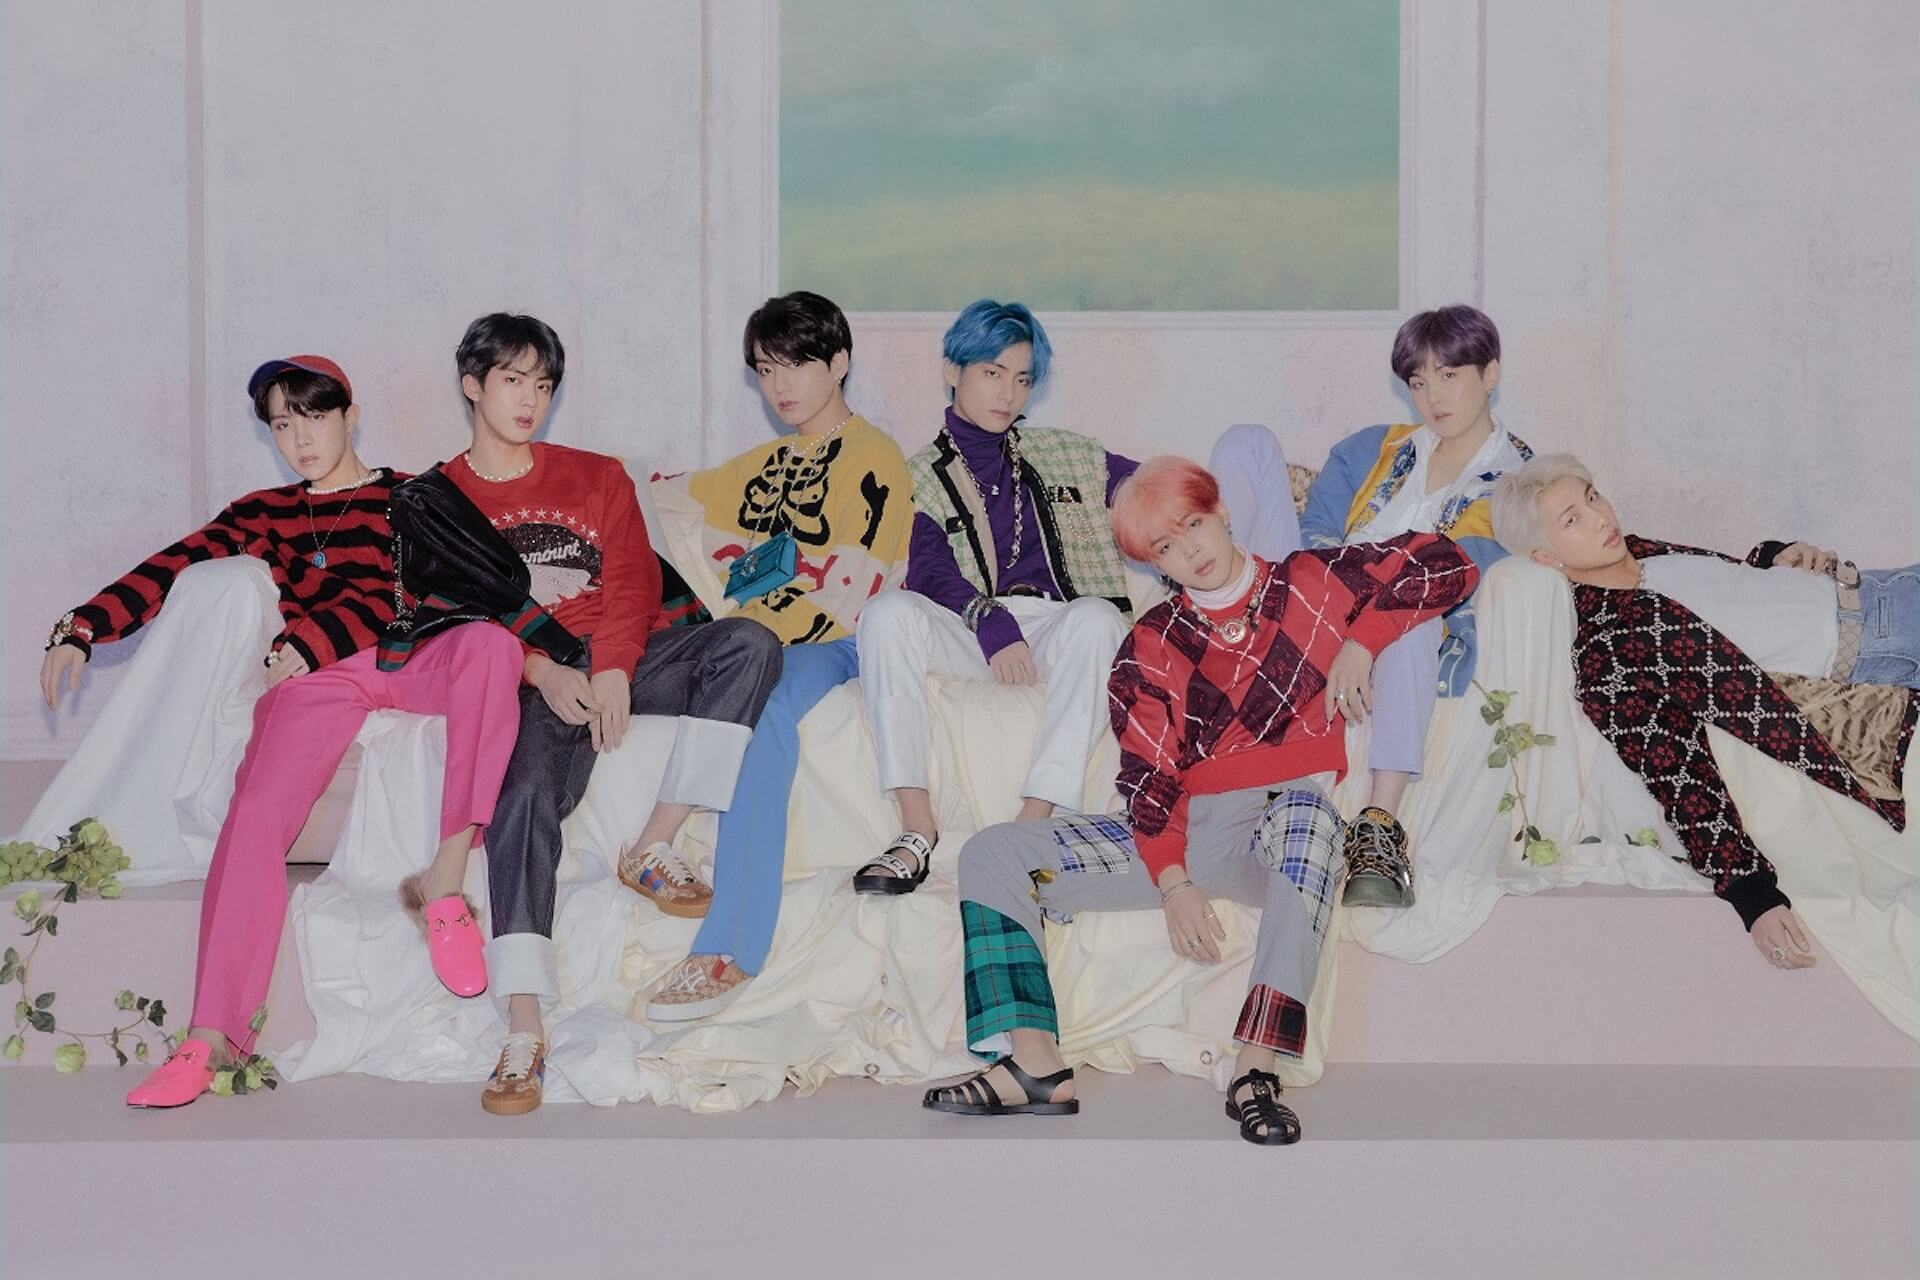 BTS、10ヶ月ぶりのニューアルバム『MAP OF THE SOUL : 7』のリリースを発表! music200108_bts_main